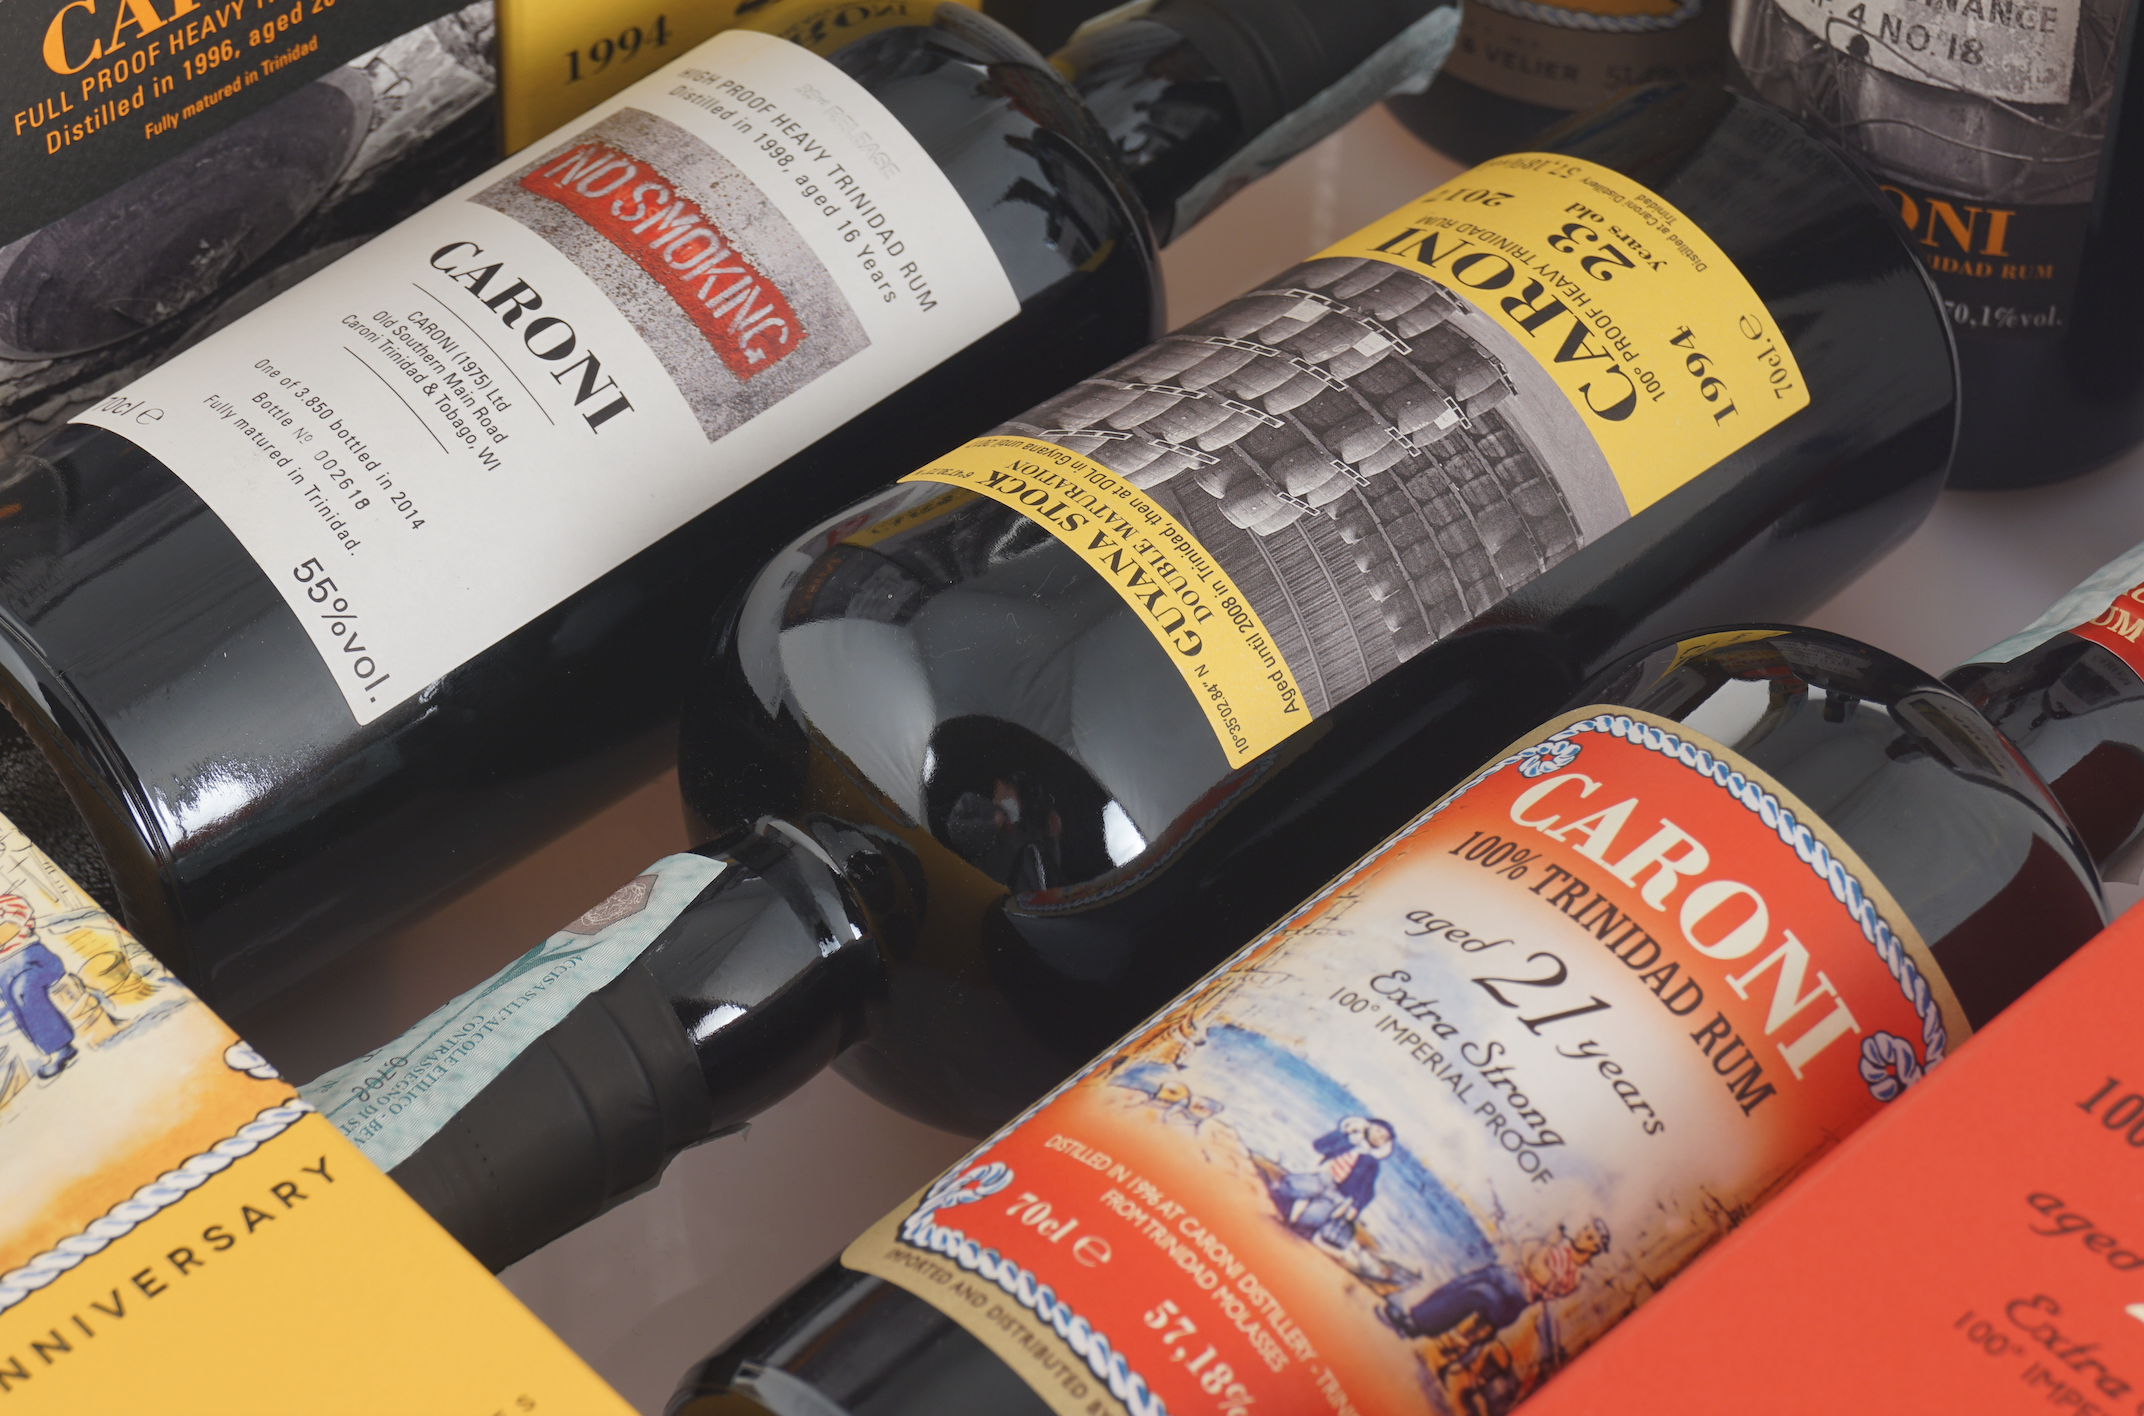 Colasanti inaugura un nuovo dipartimento: al via la vendita di vini pregiati e distillati da collezione